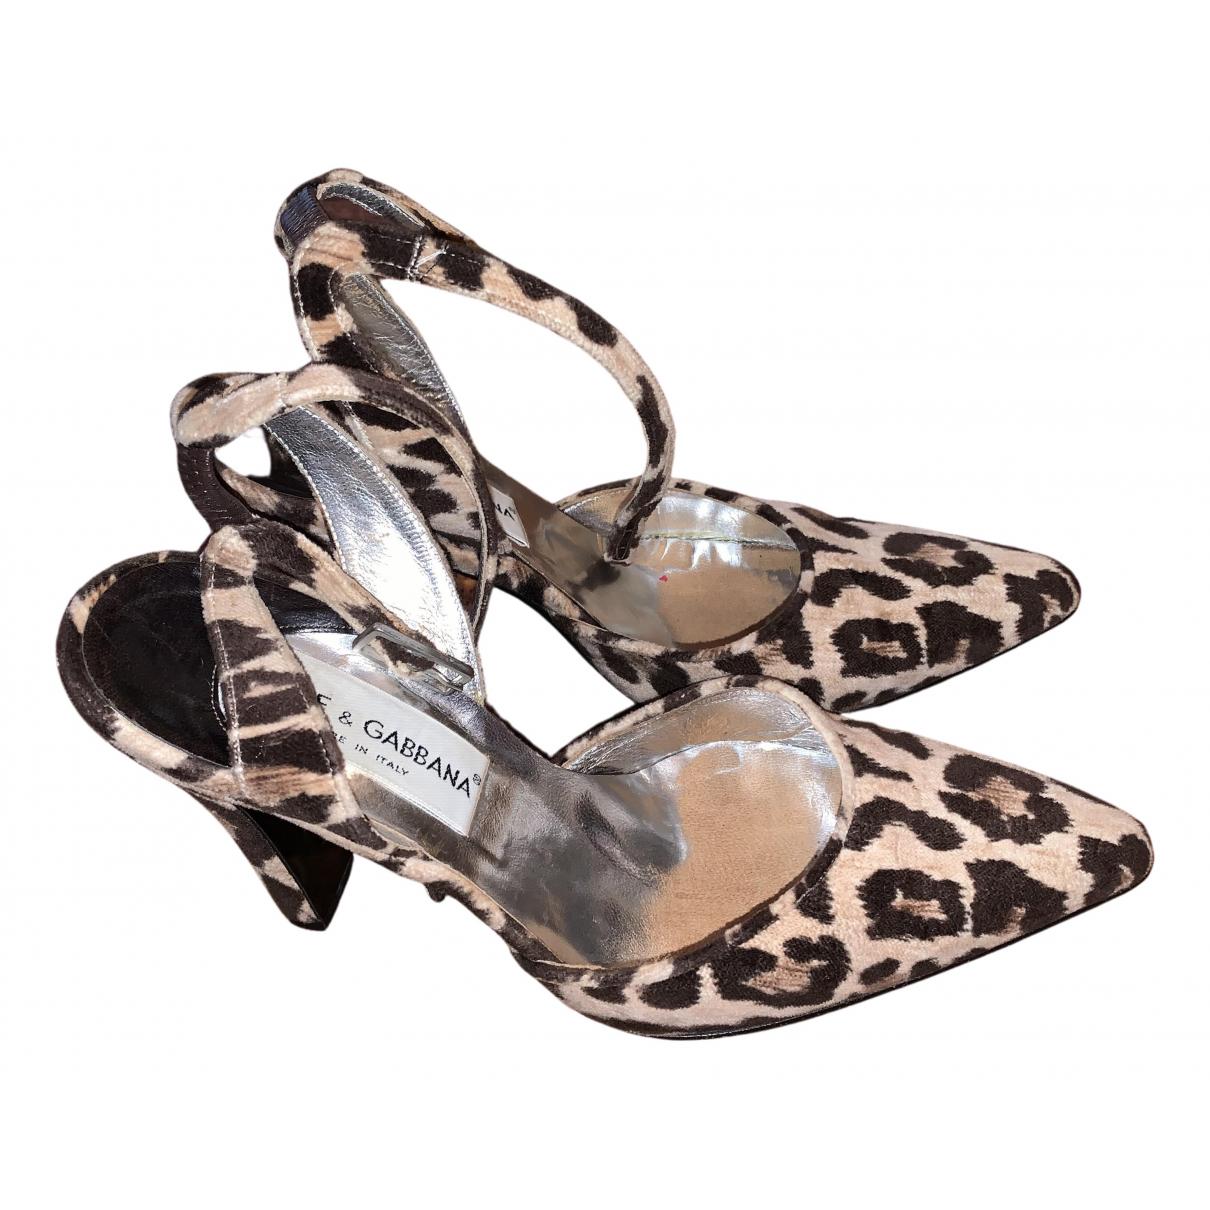 Dolce & Gabbana - Escarpins   pour femme en cuir - multicolore